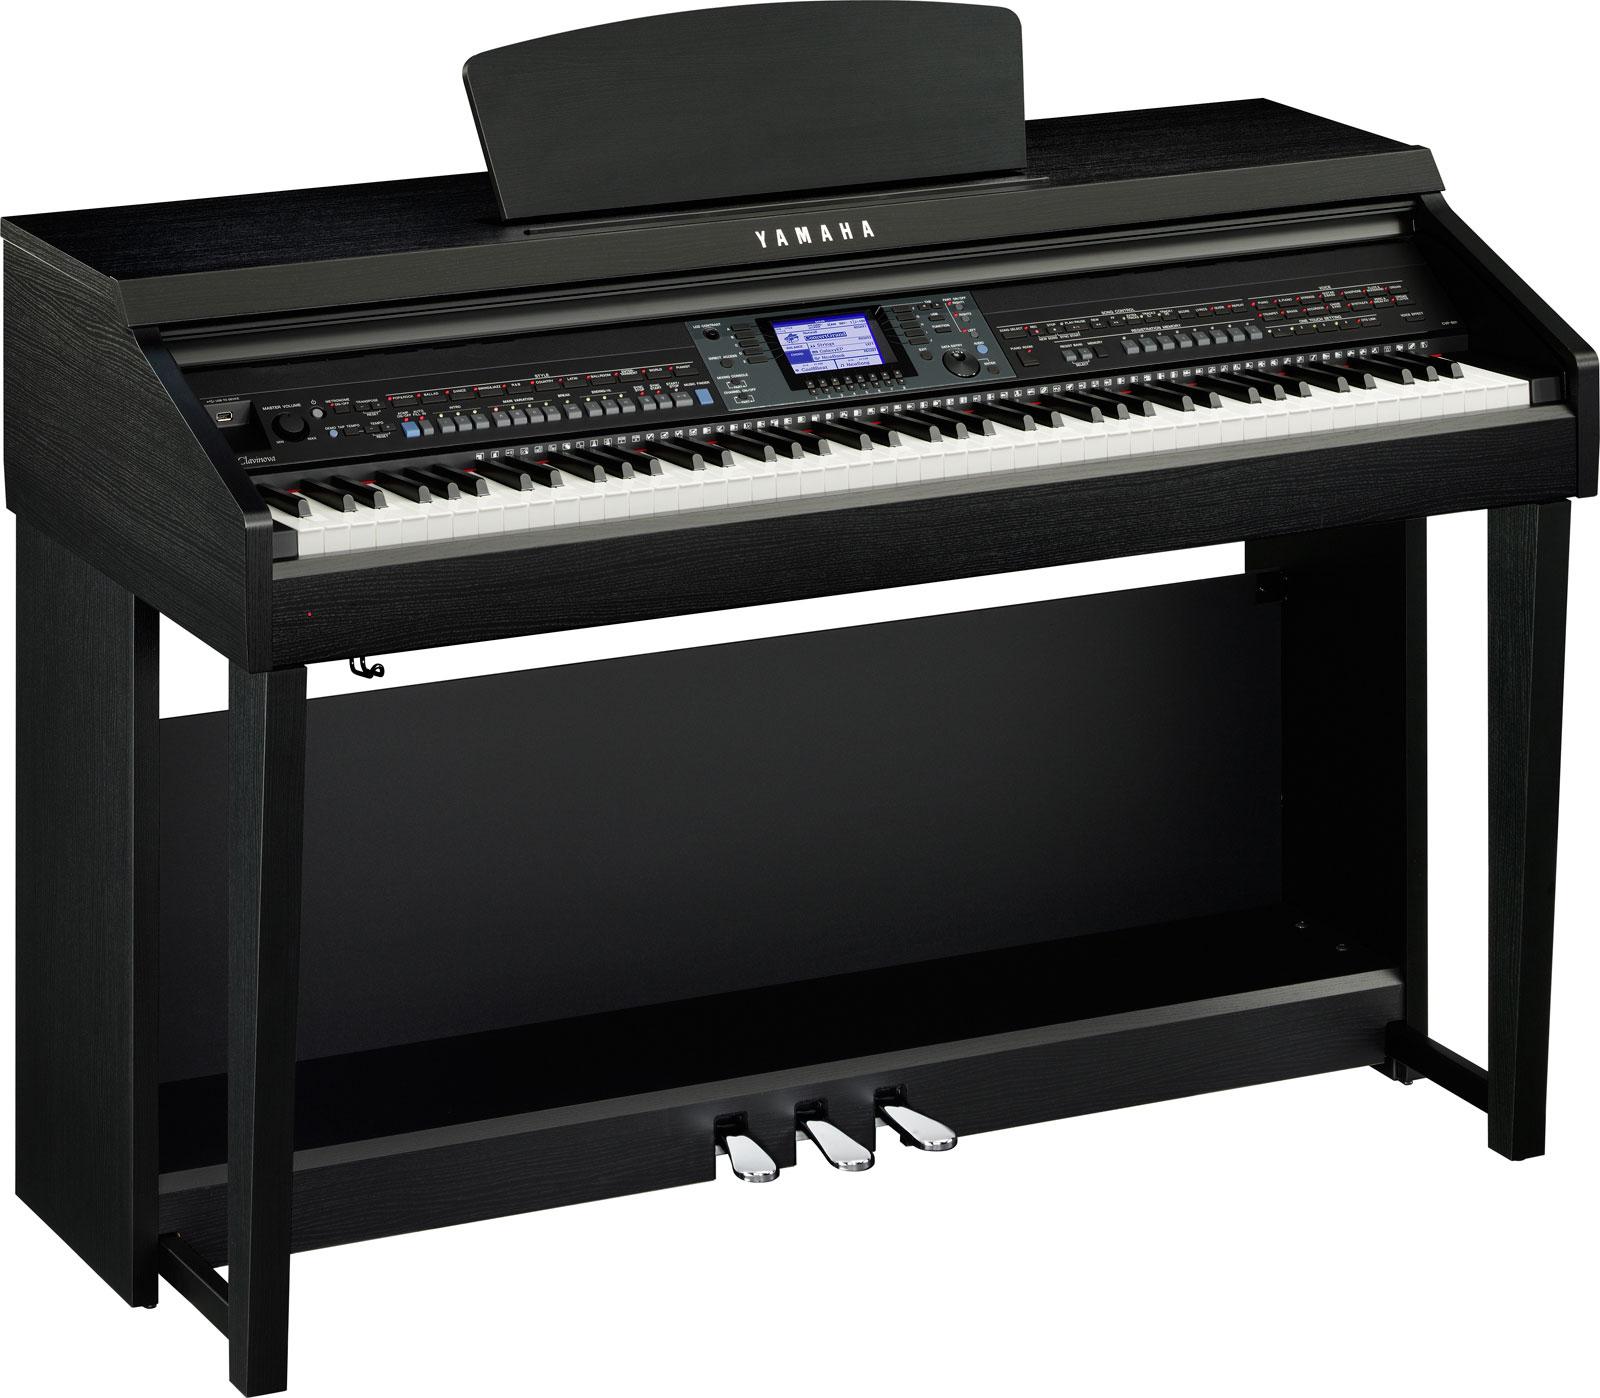 Hướng dẫn chọn đúng đàn piano yamaha khi mua sắm